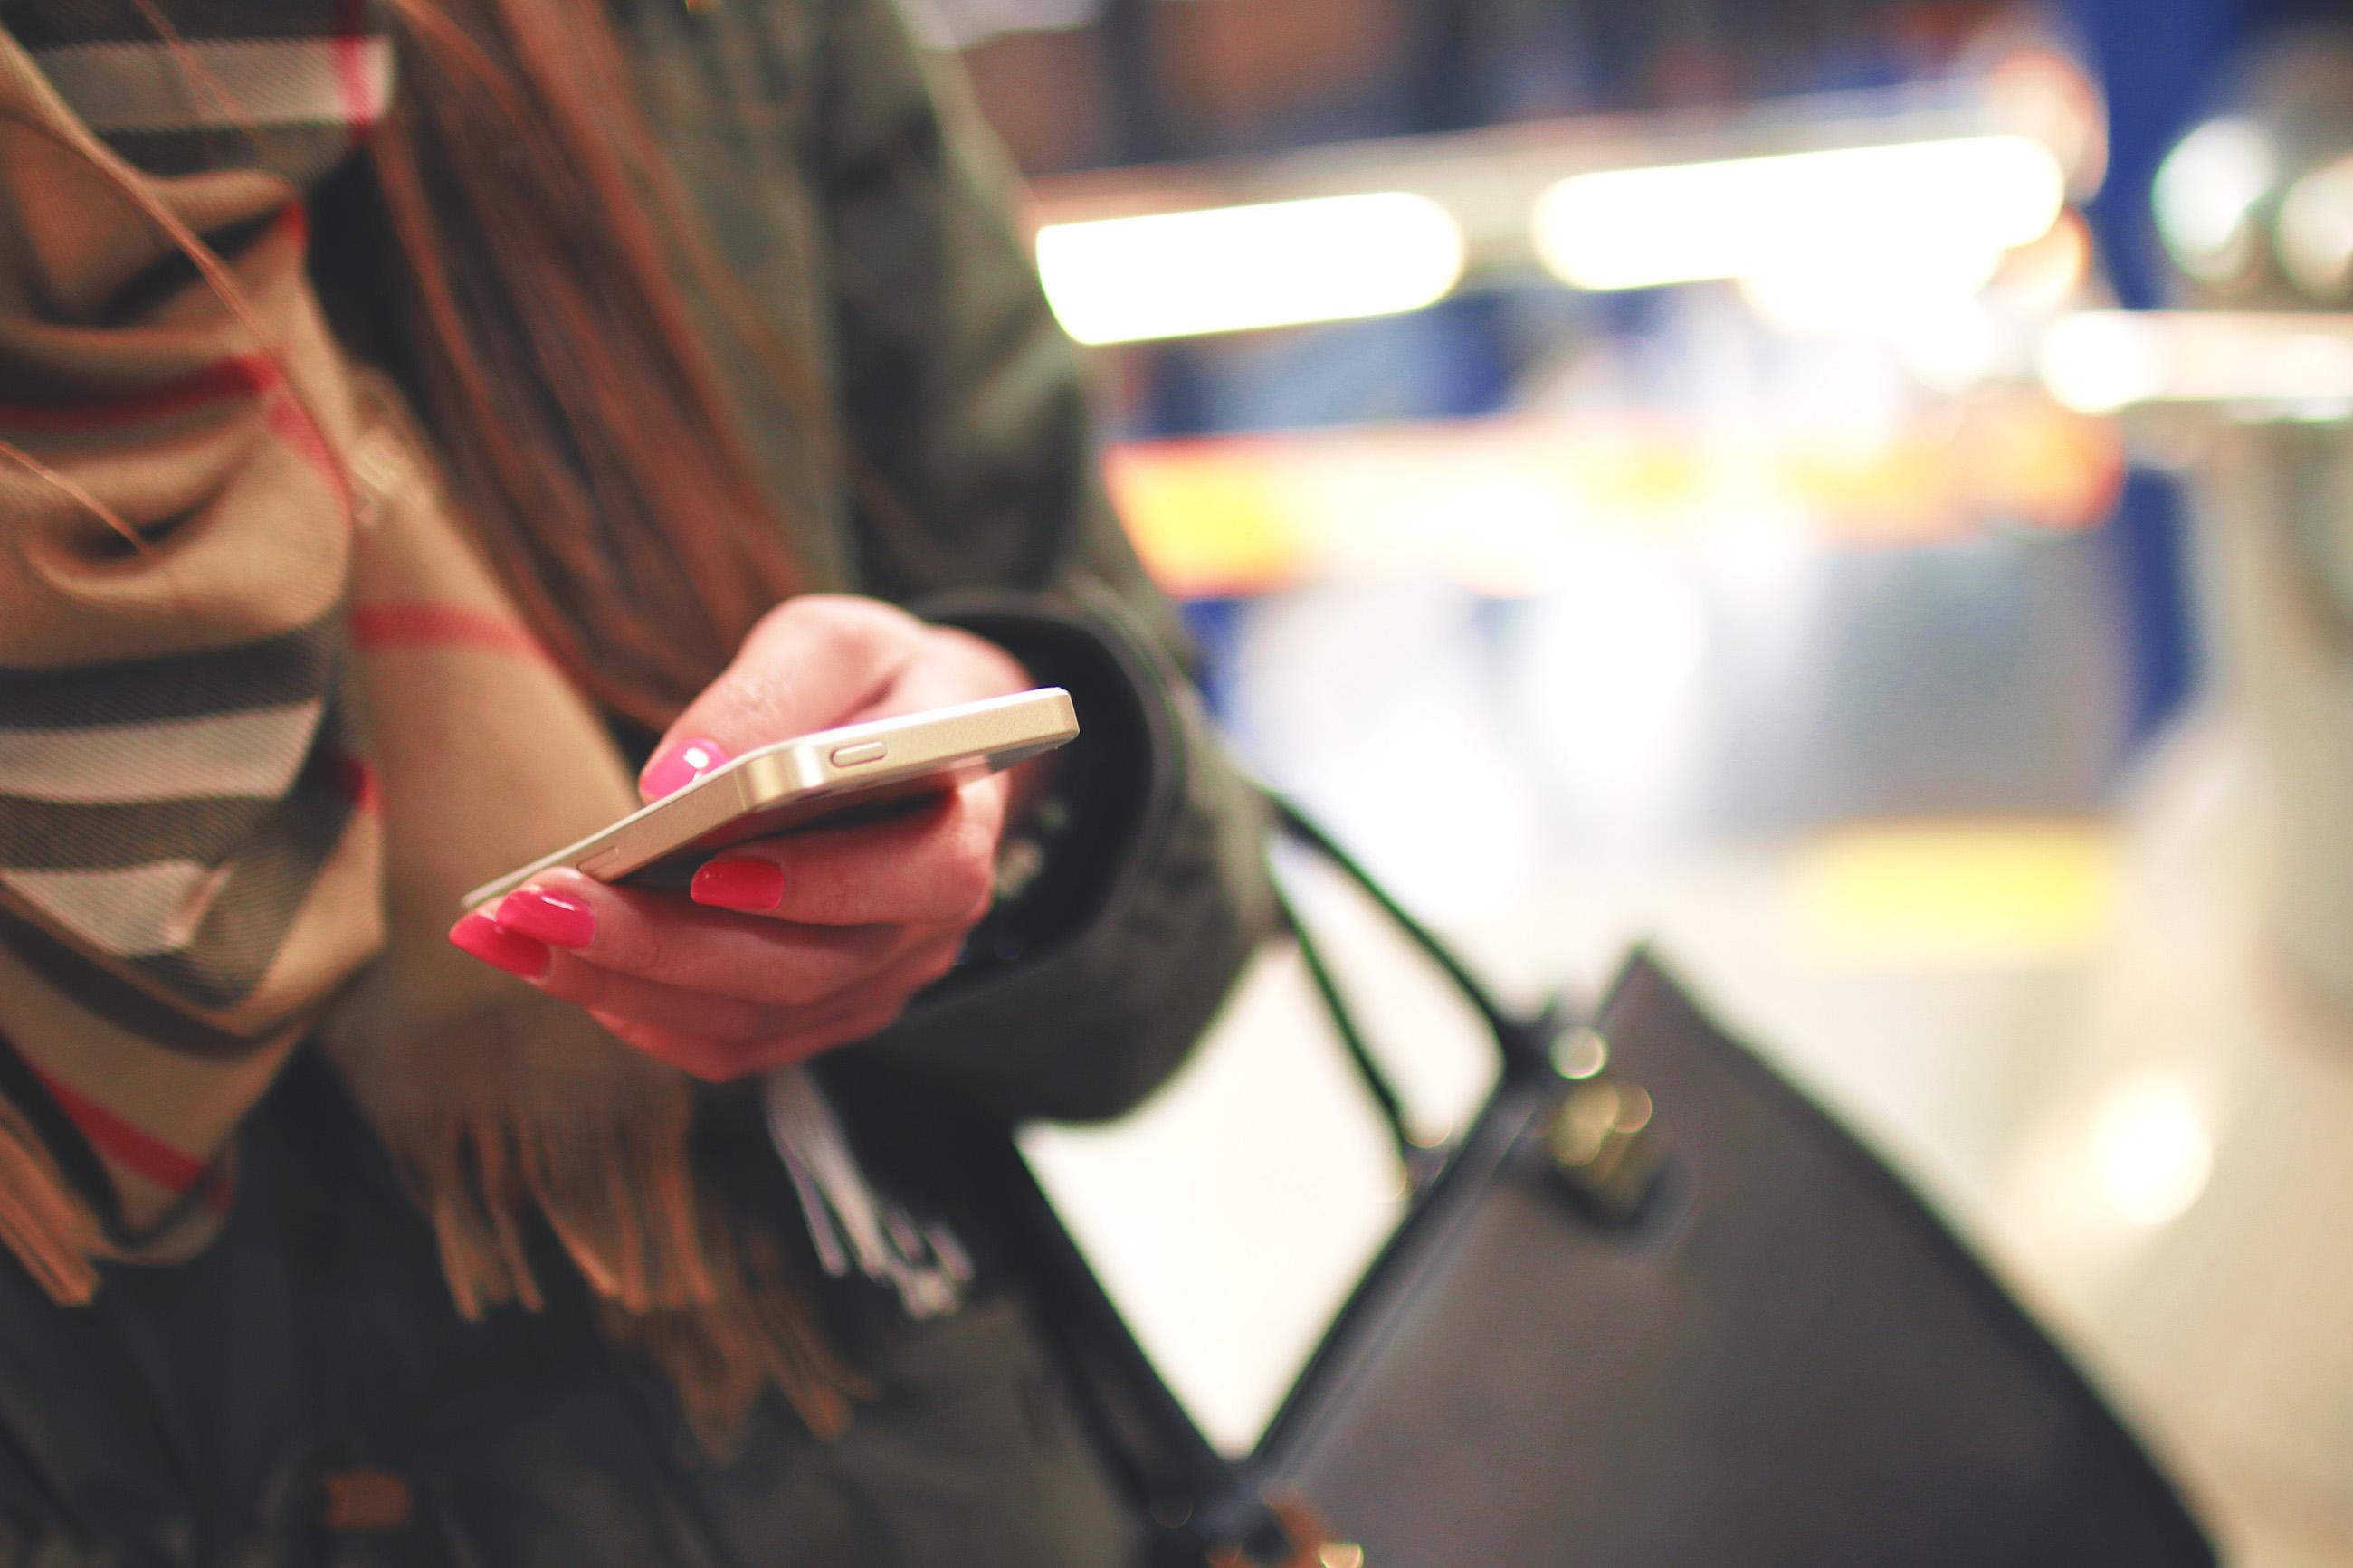 Nützliche Apps für den ständigen Begleiter. Foto: CC0